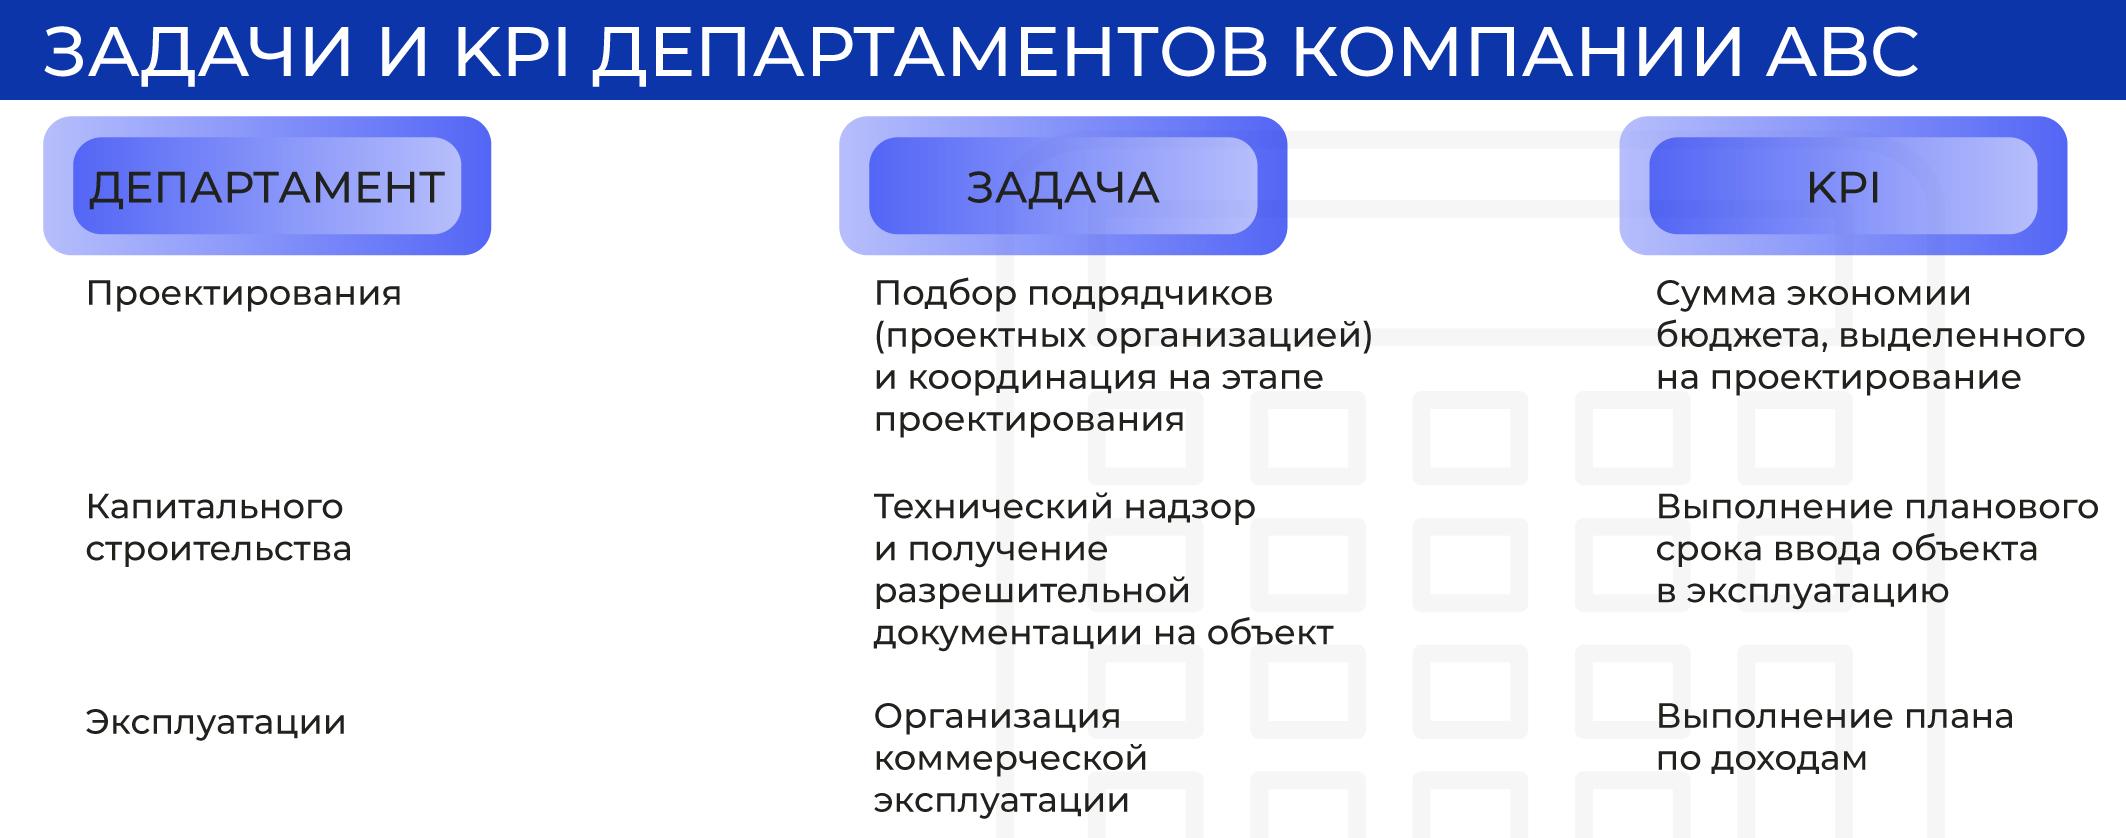 Задачи и KPI департаментов компании ABC